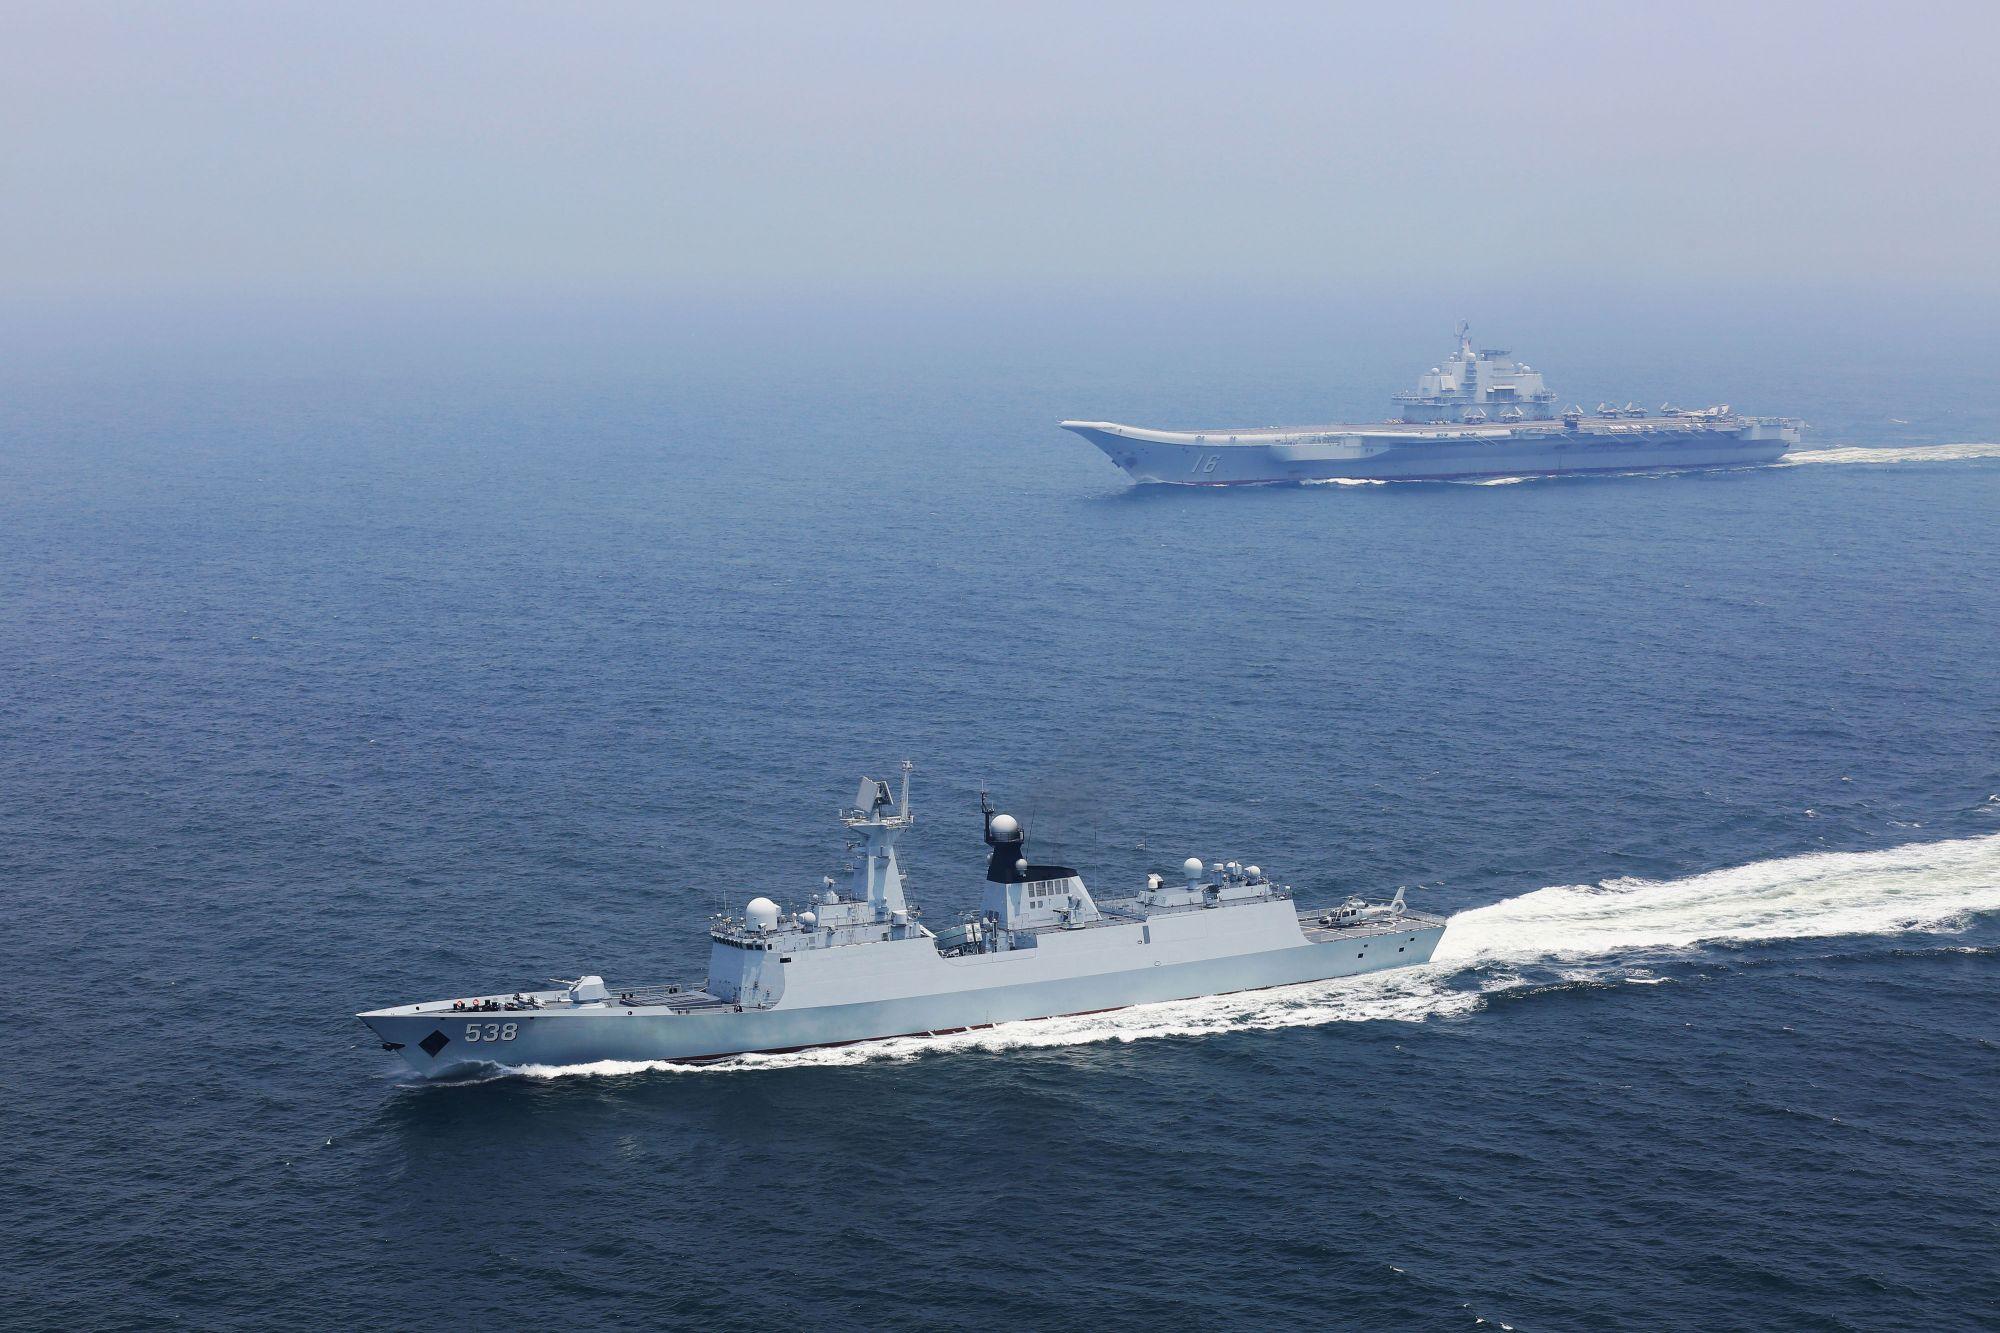 大陆航母辽宁舰编队由南海北上,沿台湾海峡中线以西航行,于16日上午